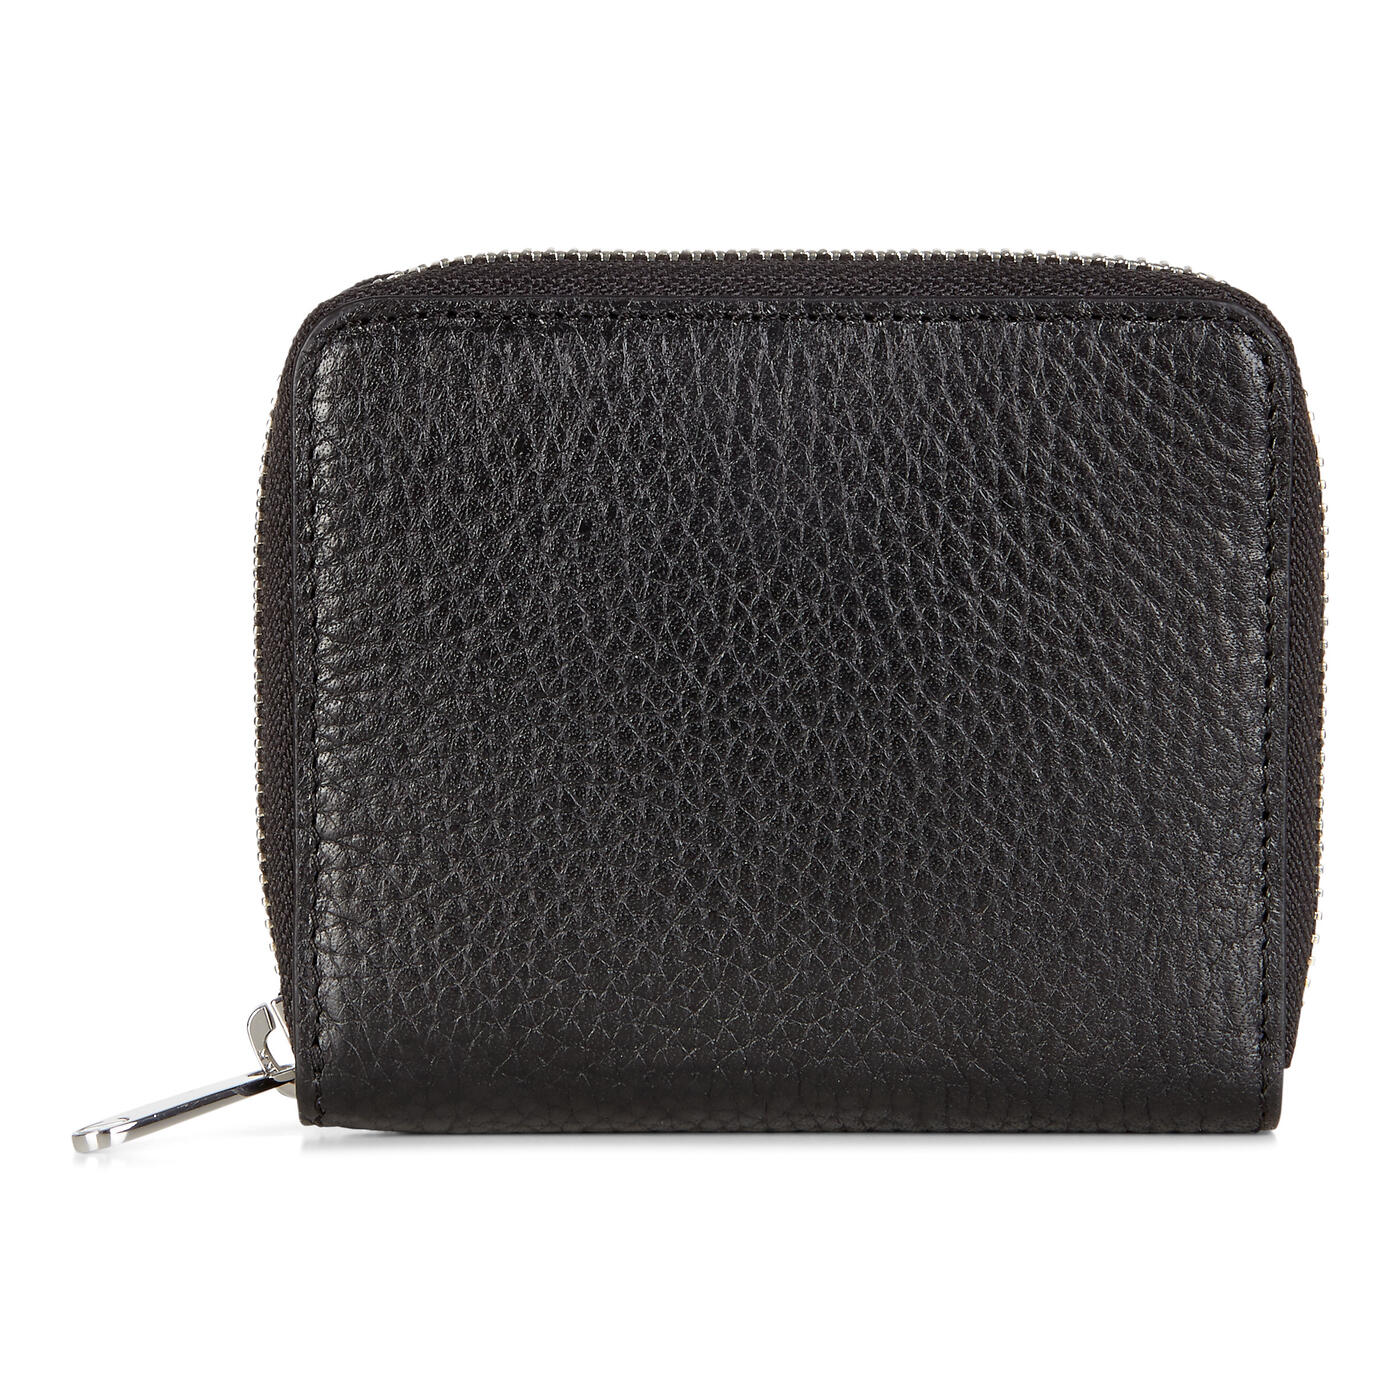 ECCO SP 3 Small Zip Around Women's Wallet